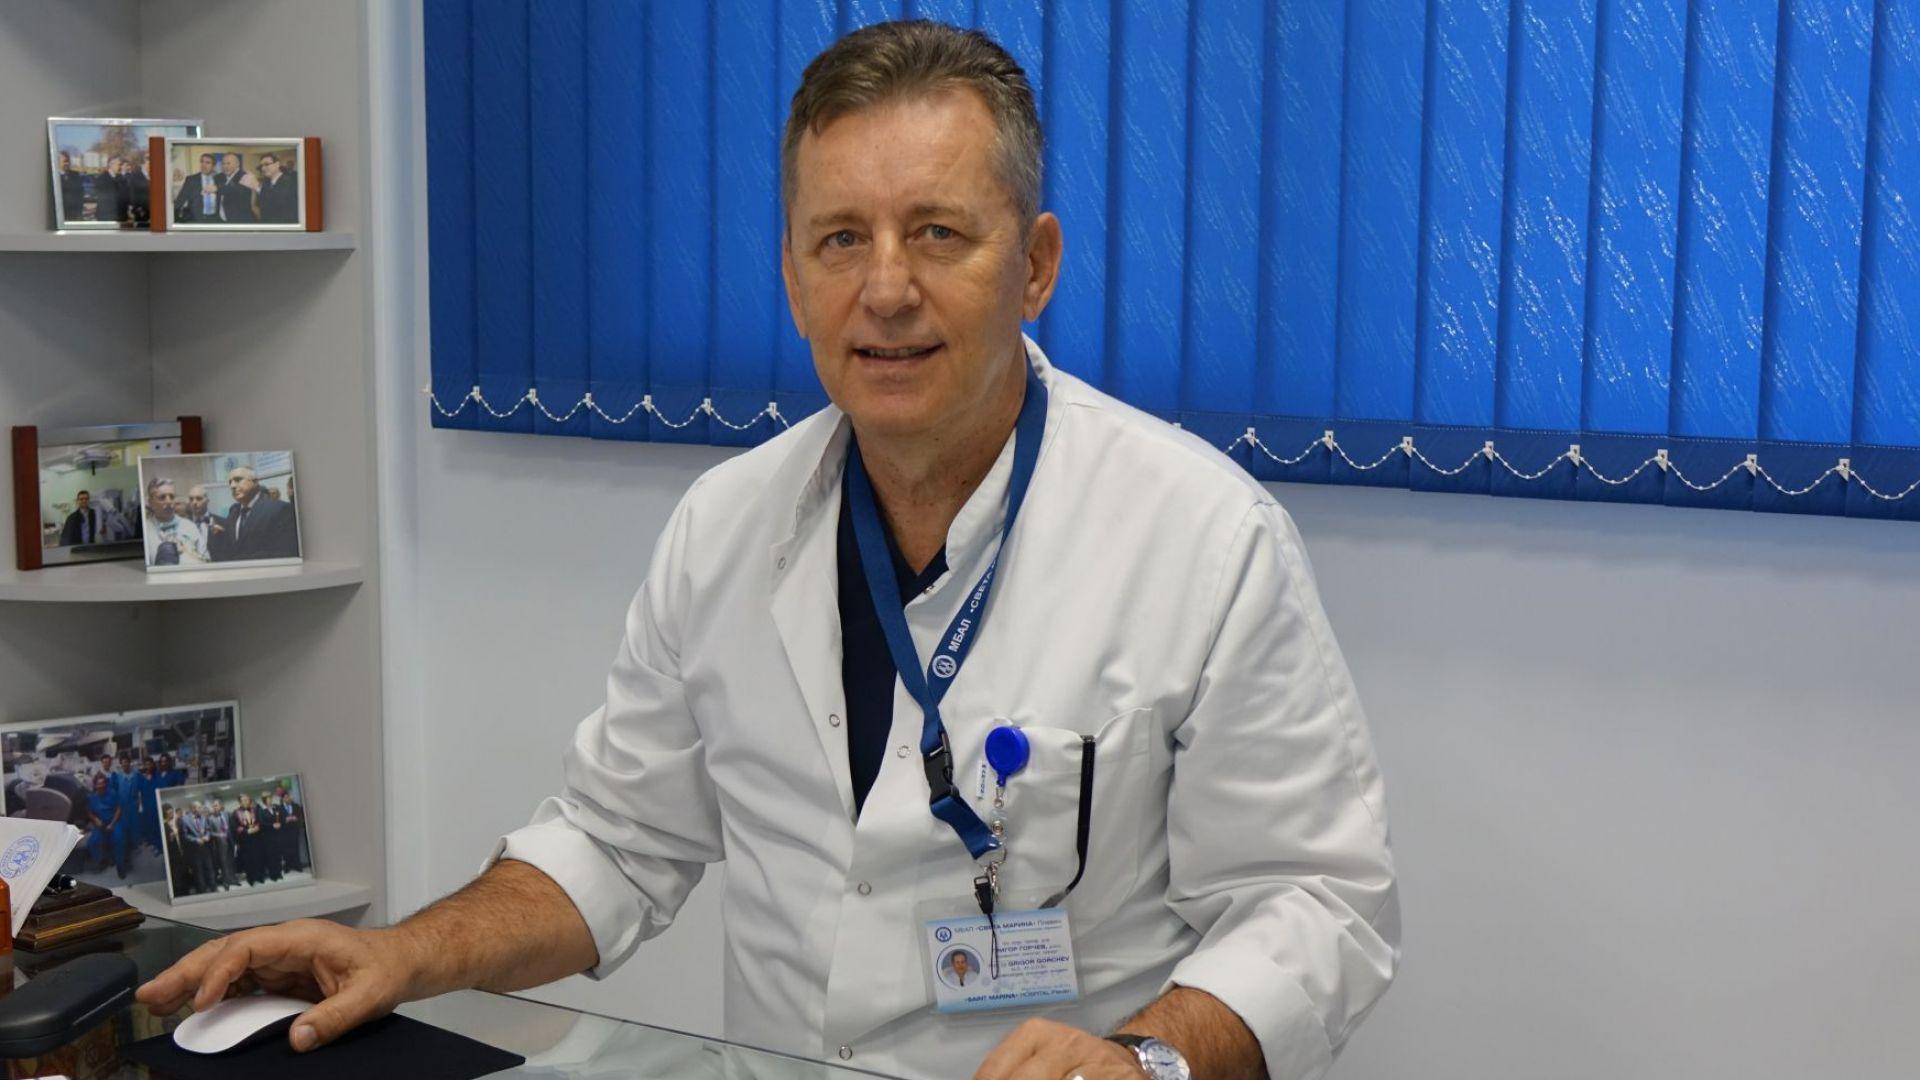 Защо сме в Топ 3 на Европа по роботизирана хирургия? Чл. кор. проф. Григор Горчев пред Dir.bg